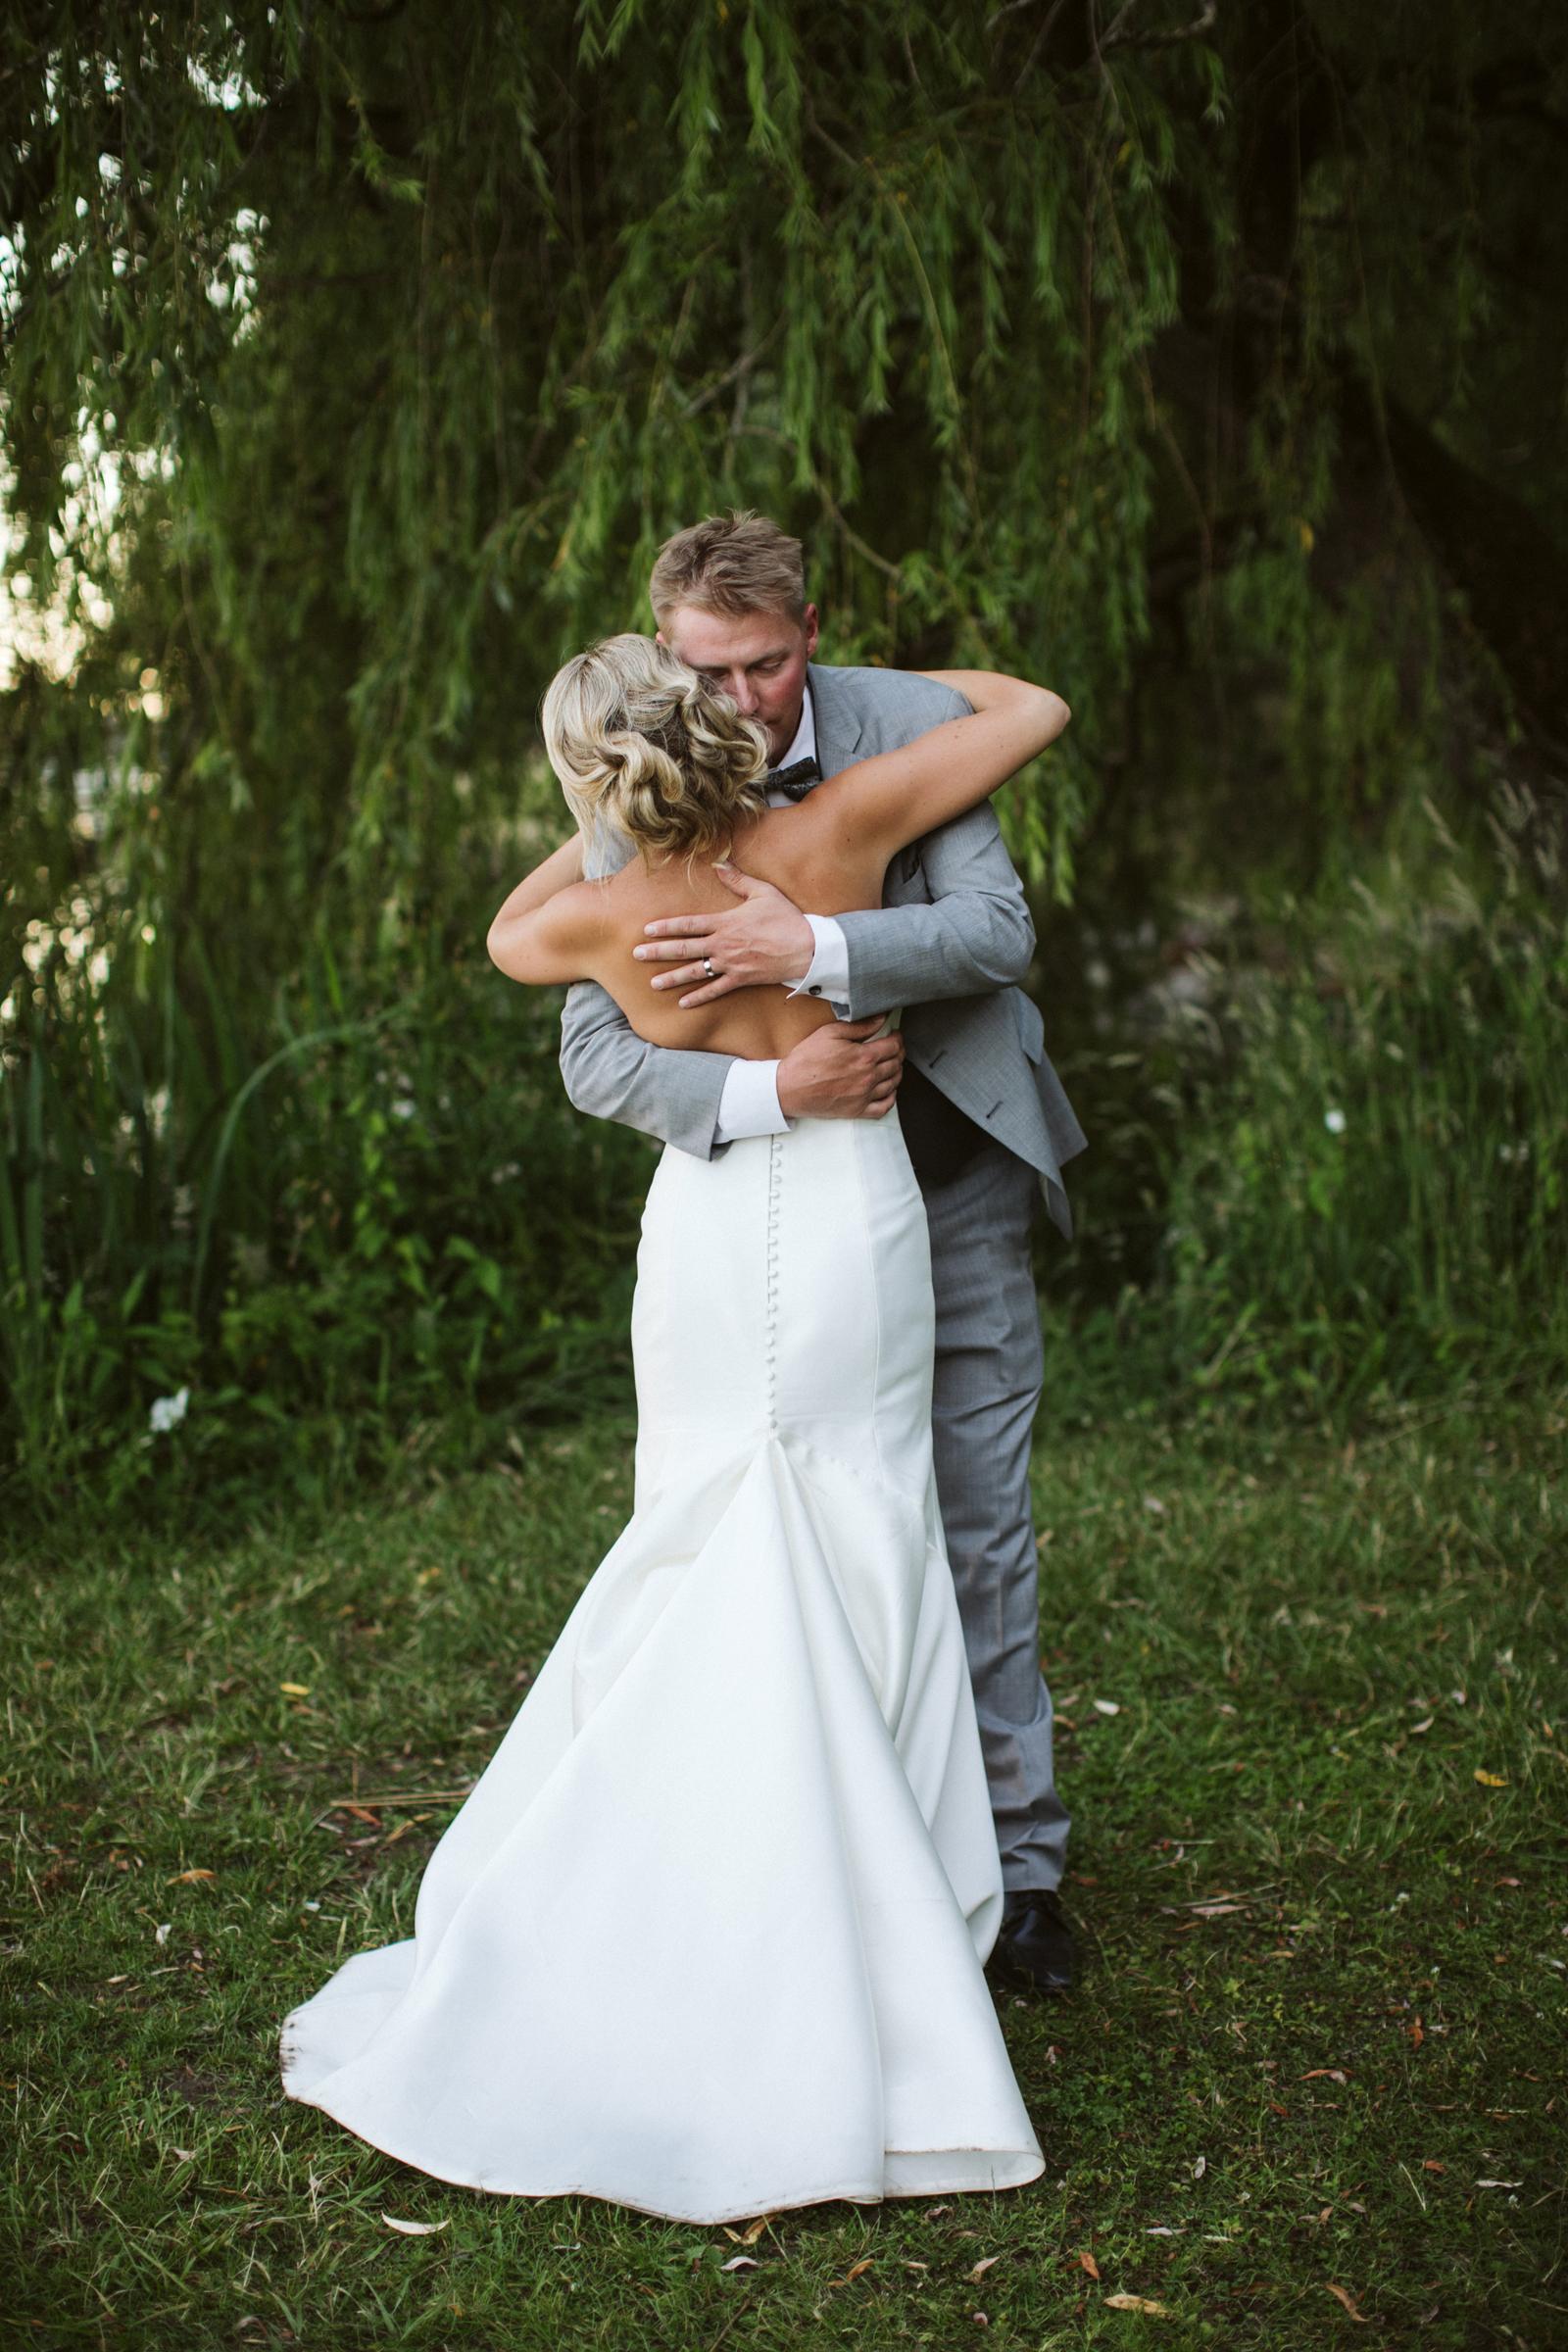 176-daronjackson-gabby-alec-wedding.jpg